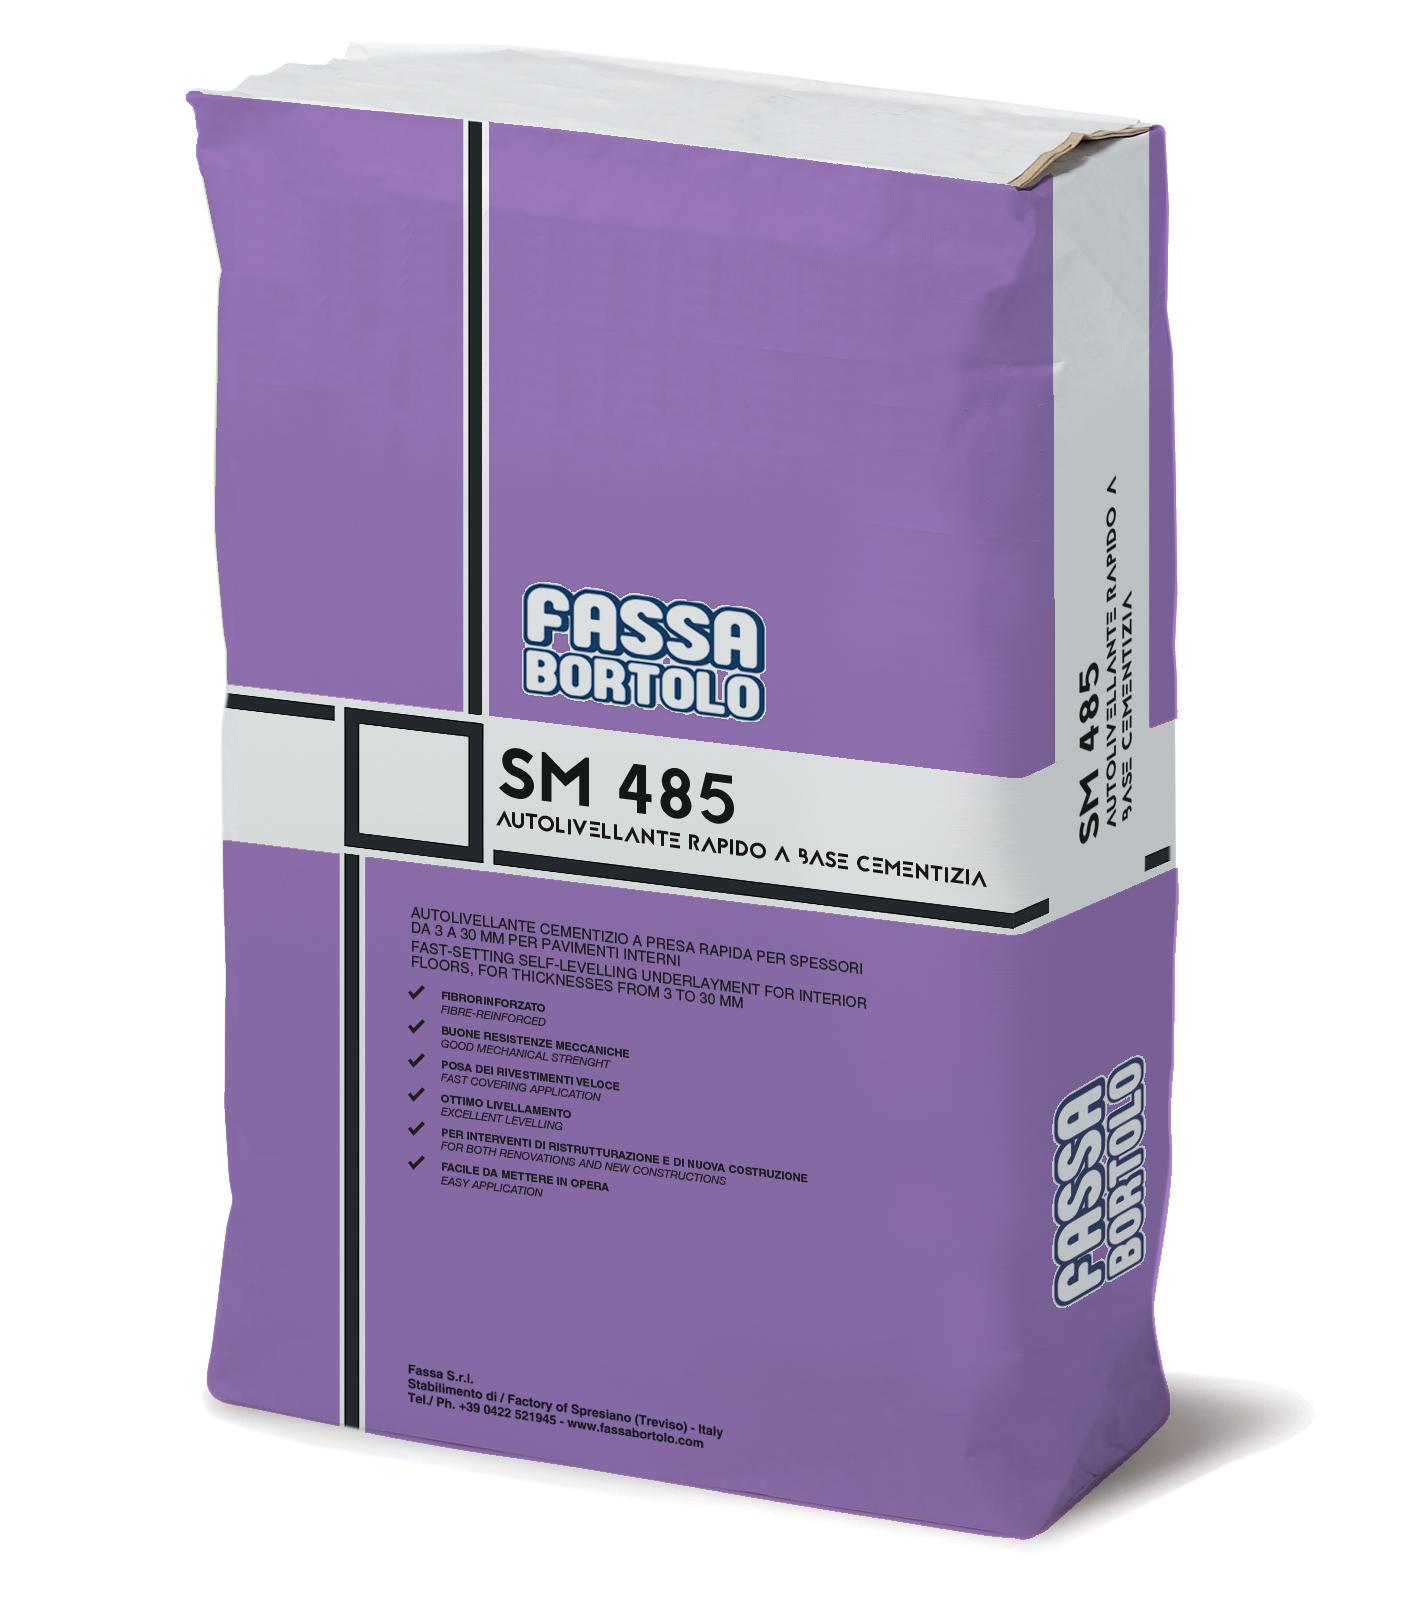 SM 485: Argamassa auto-nivelante de presa rápida, fibro-reforçado, para espessuras de 3 a 30 mm para pavimentos interiores